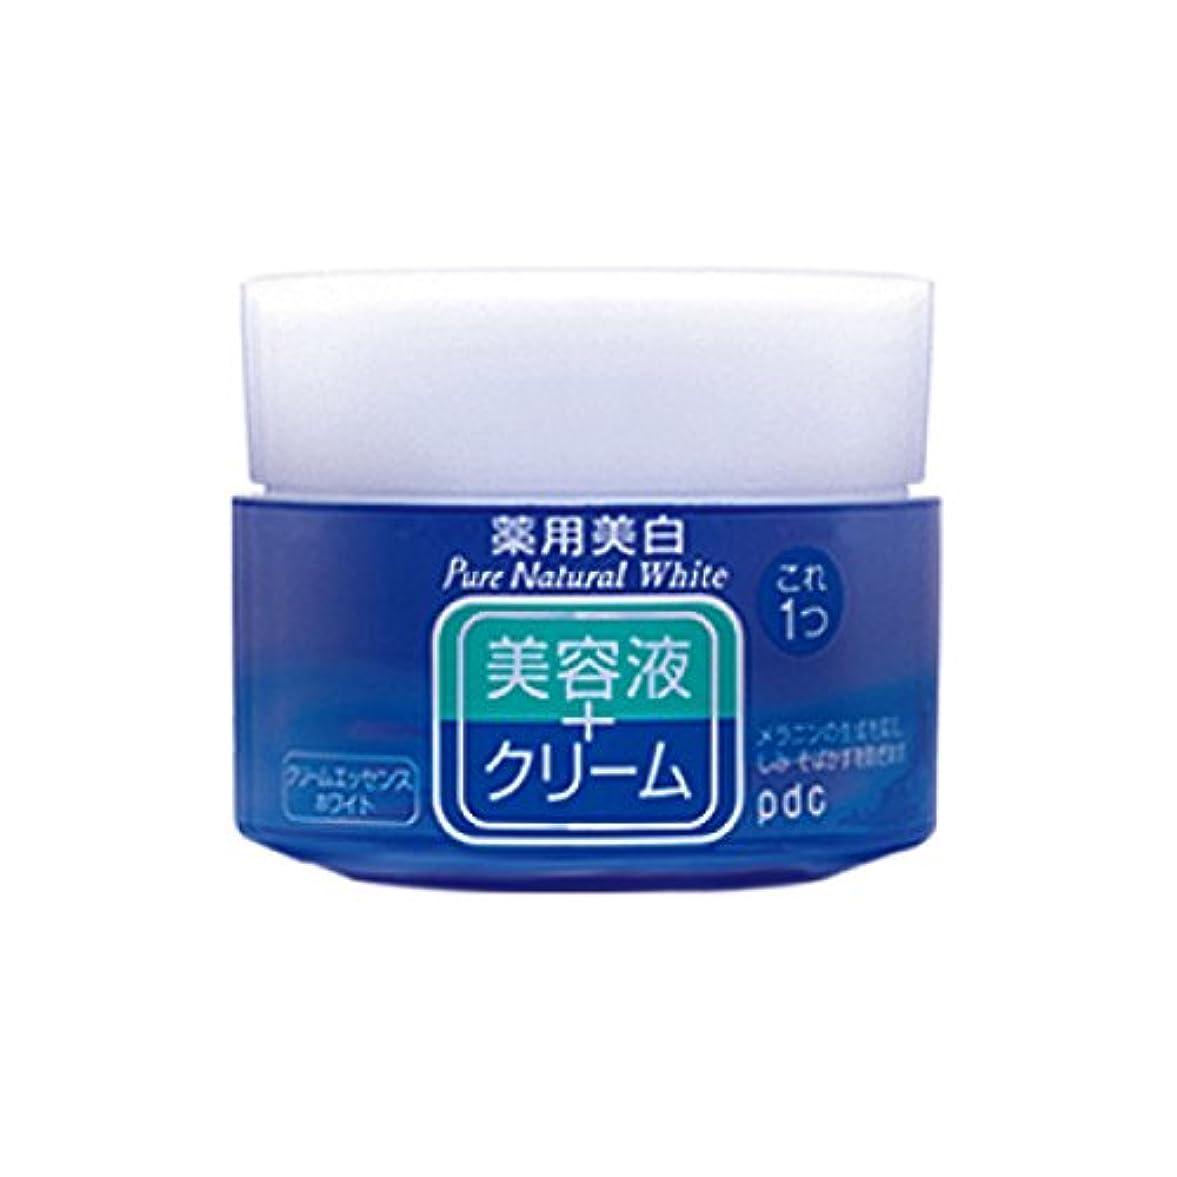 検証環境Pure NATURAL(ピュアナチュラル) クリームエッセンス ホワイト 100g (医薬部外品)